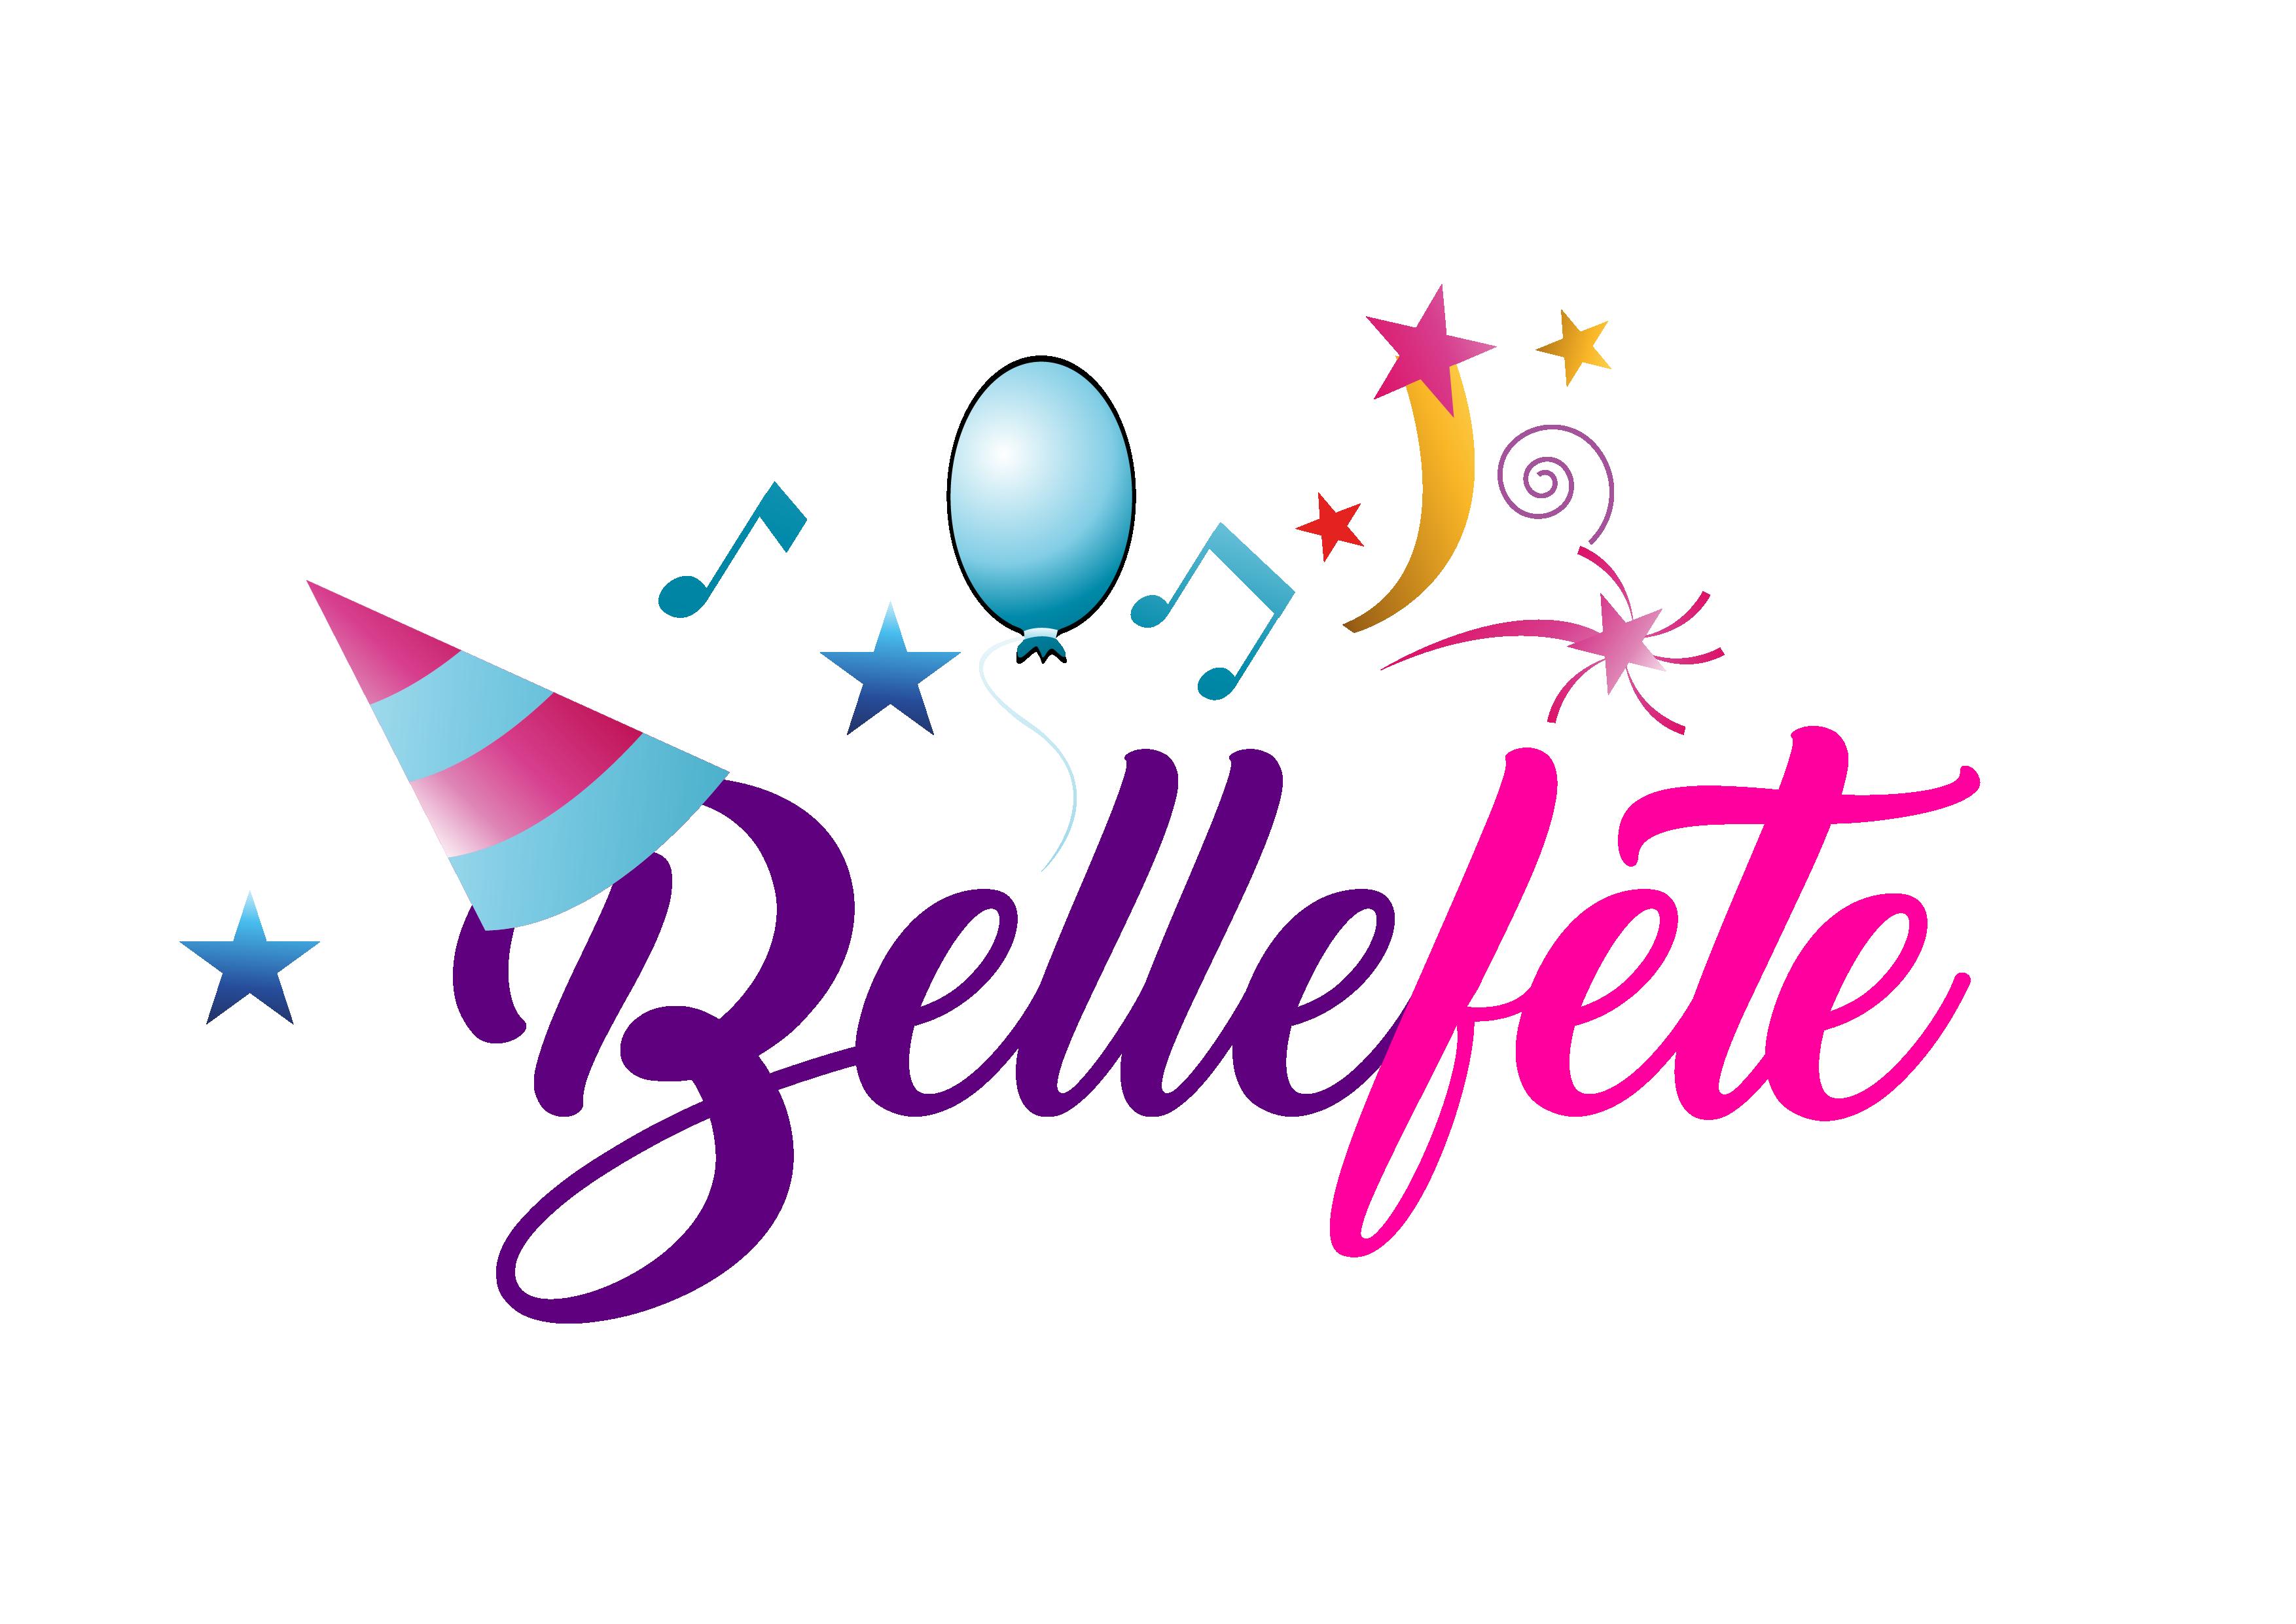 Belle Fete